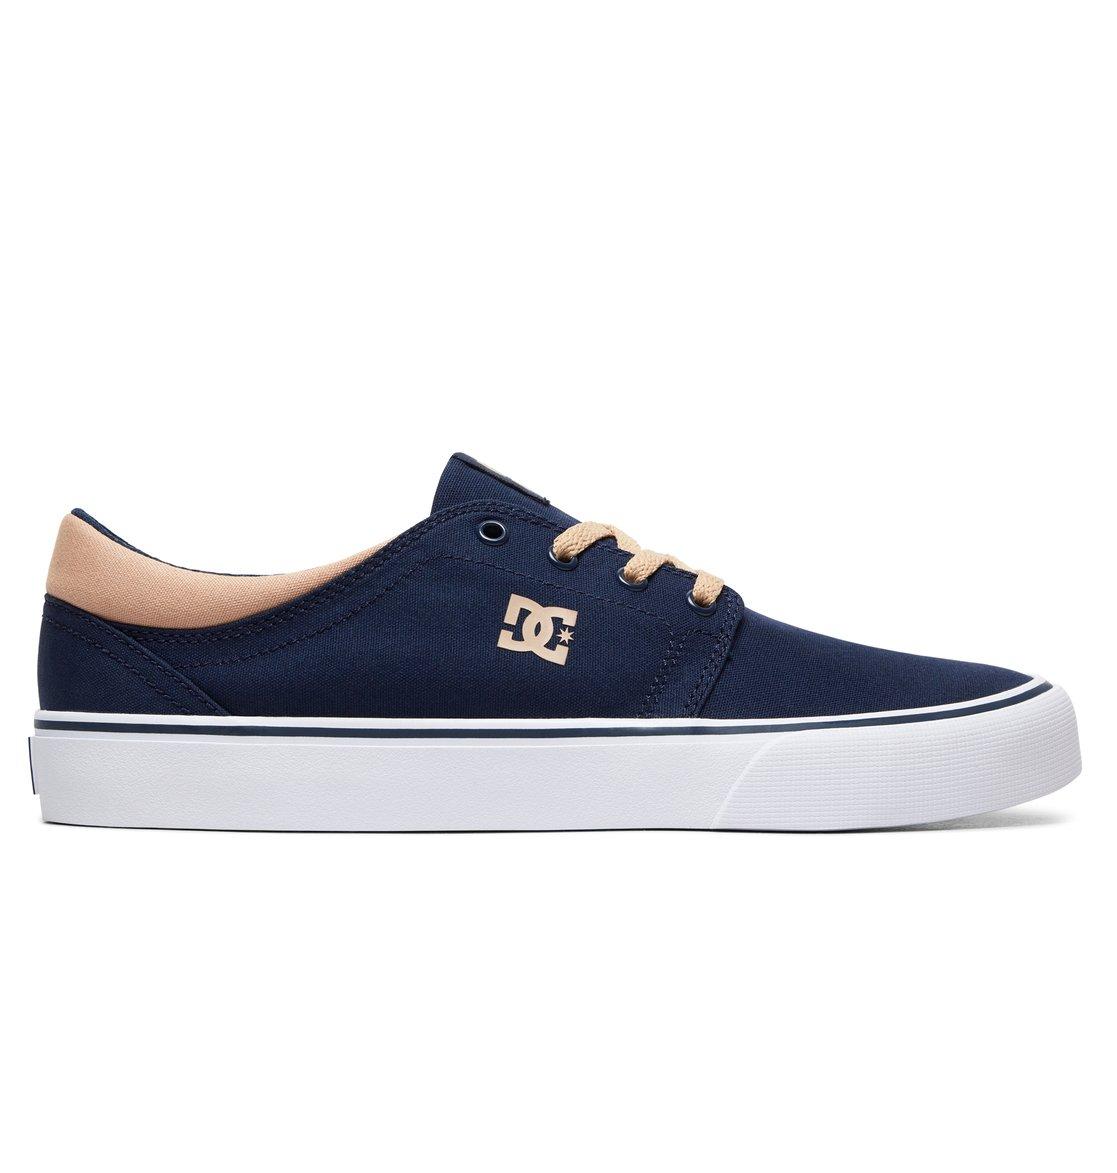 0 Trase TX - Shoes for Men Blue ADYS300126 DC Shoes d36d0563e7